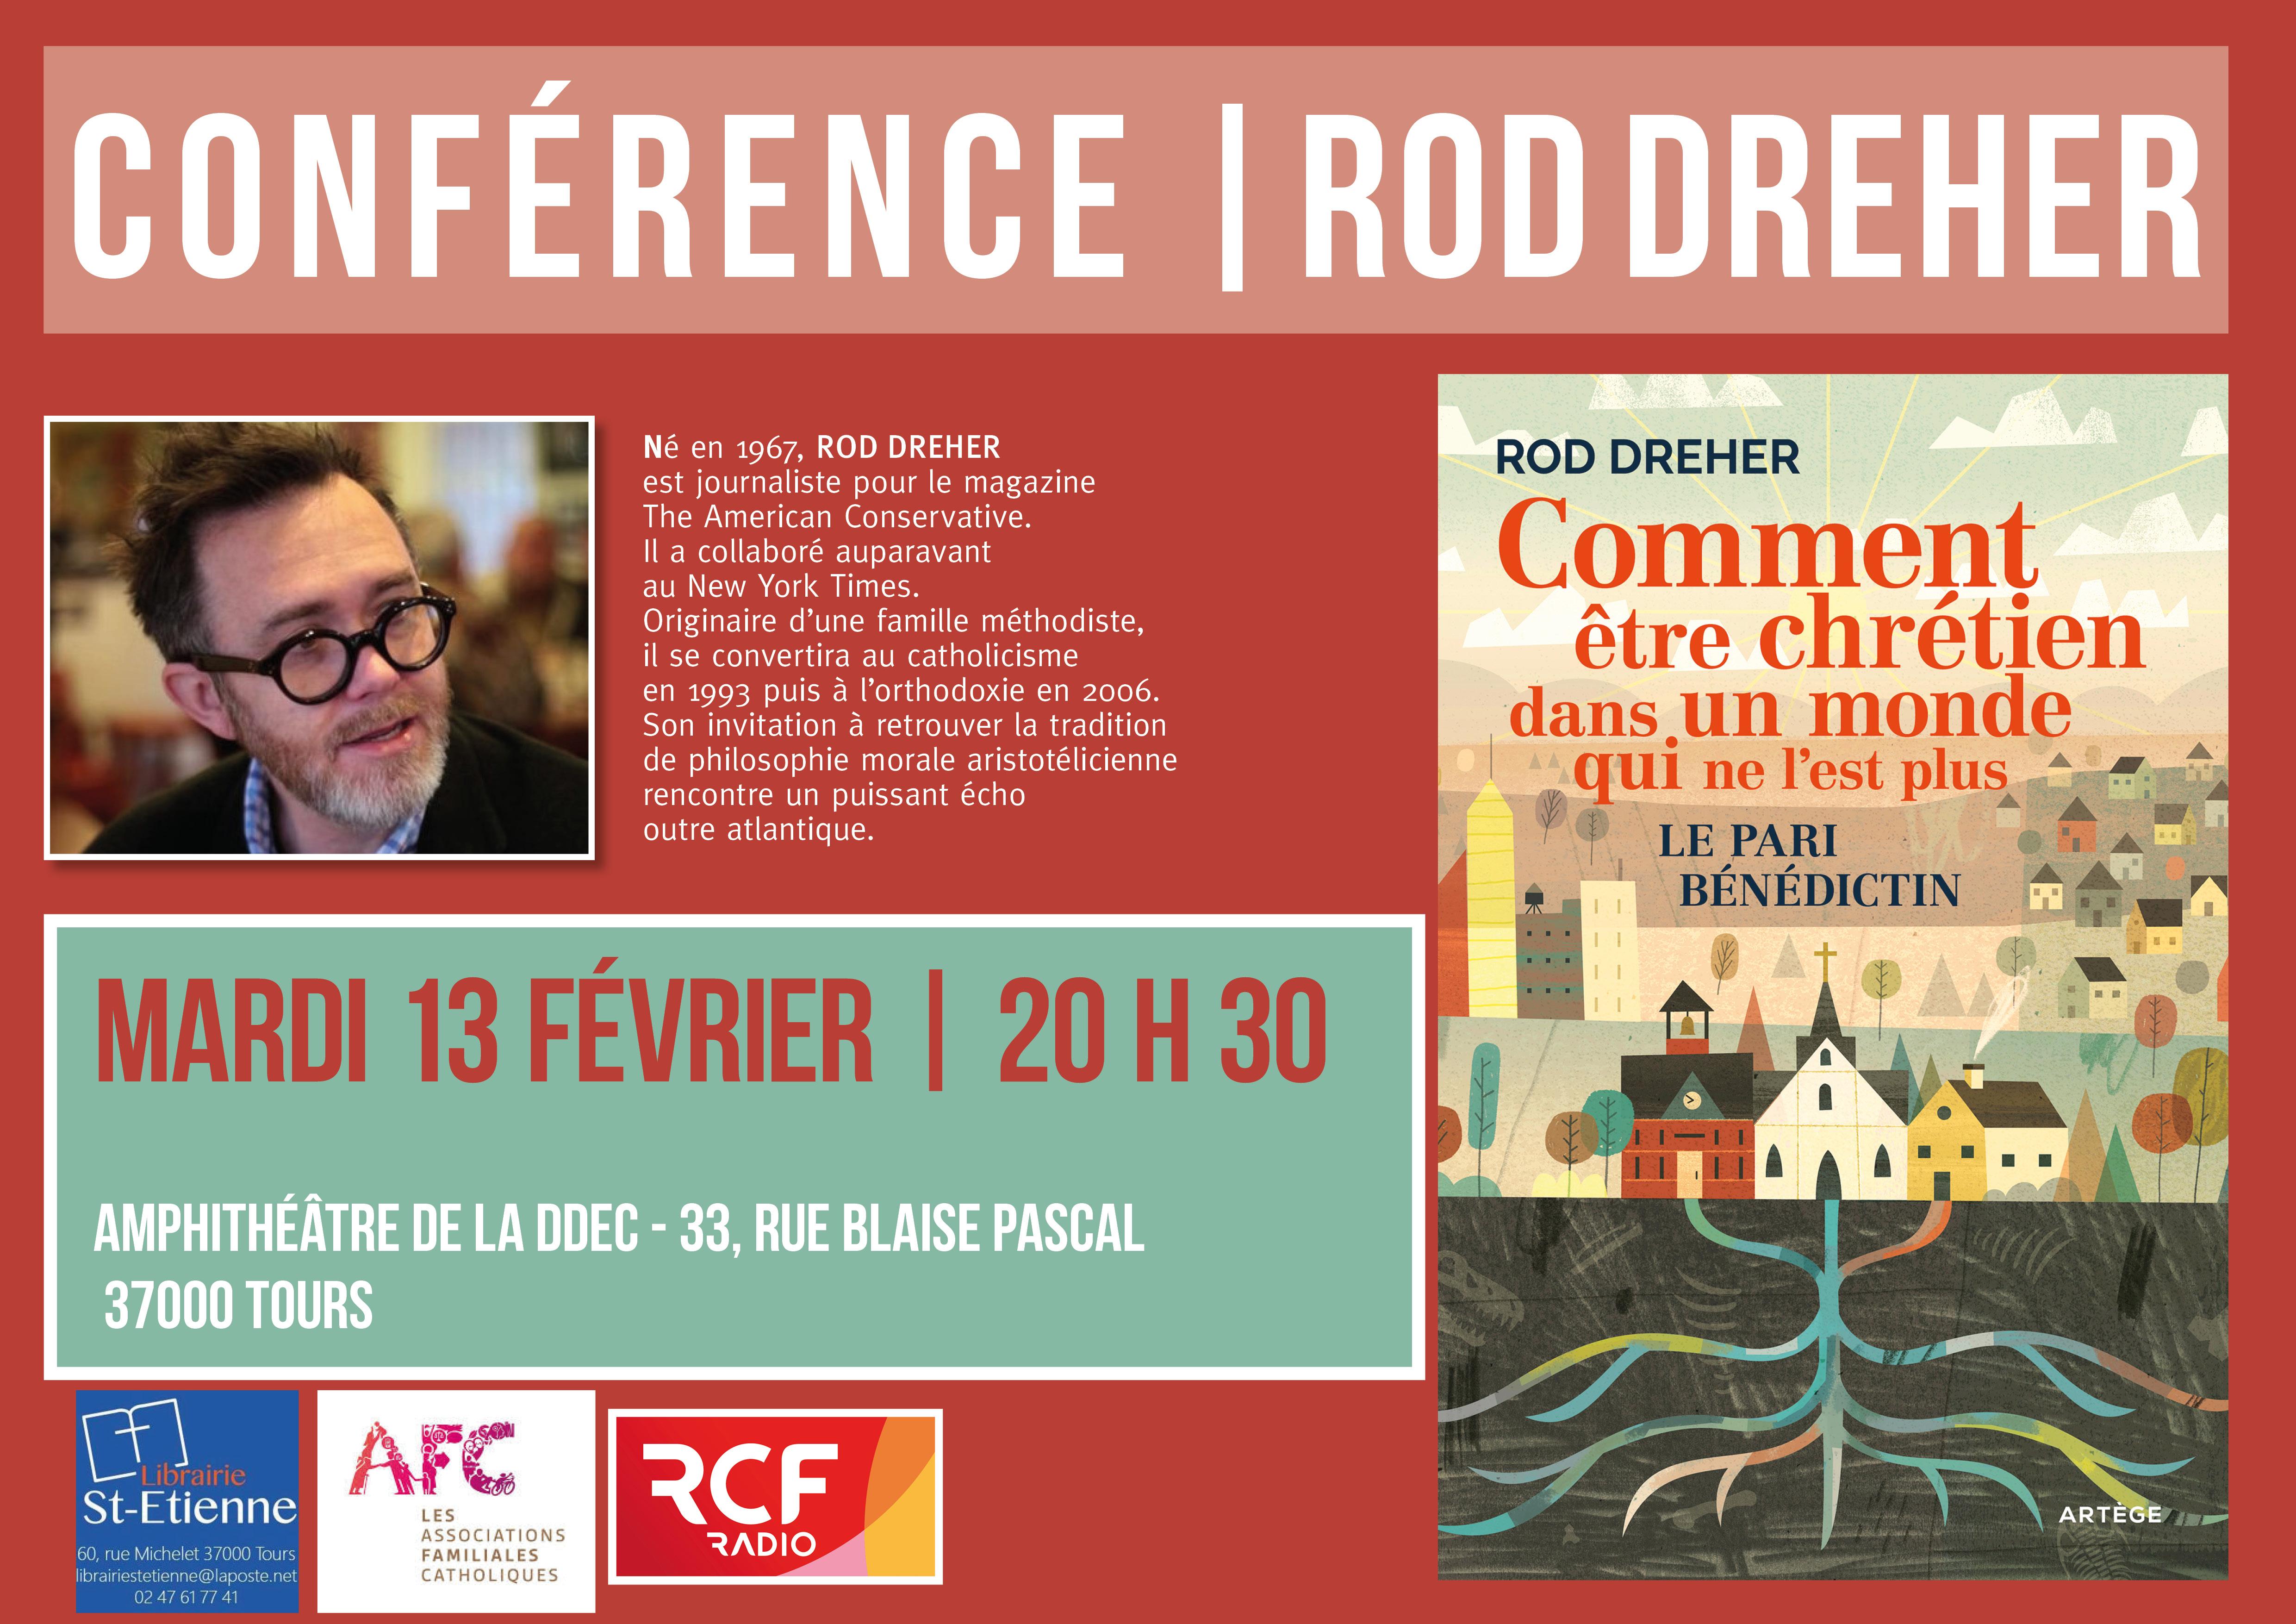 Affiche_Dreher_comment_etre_chretien_conf 13 février _Tours